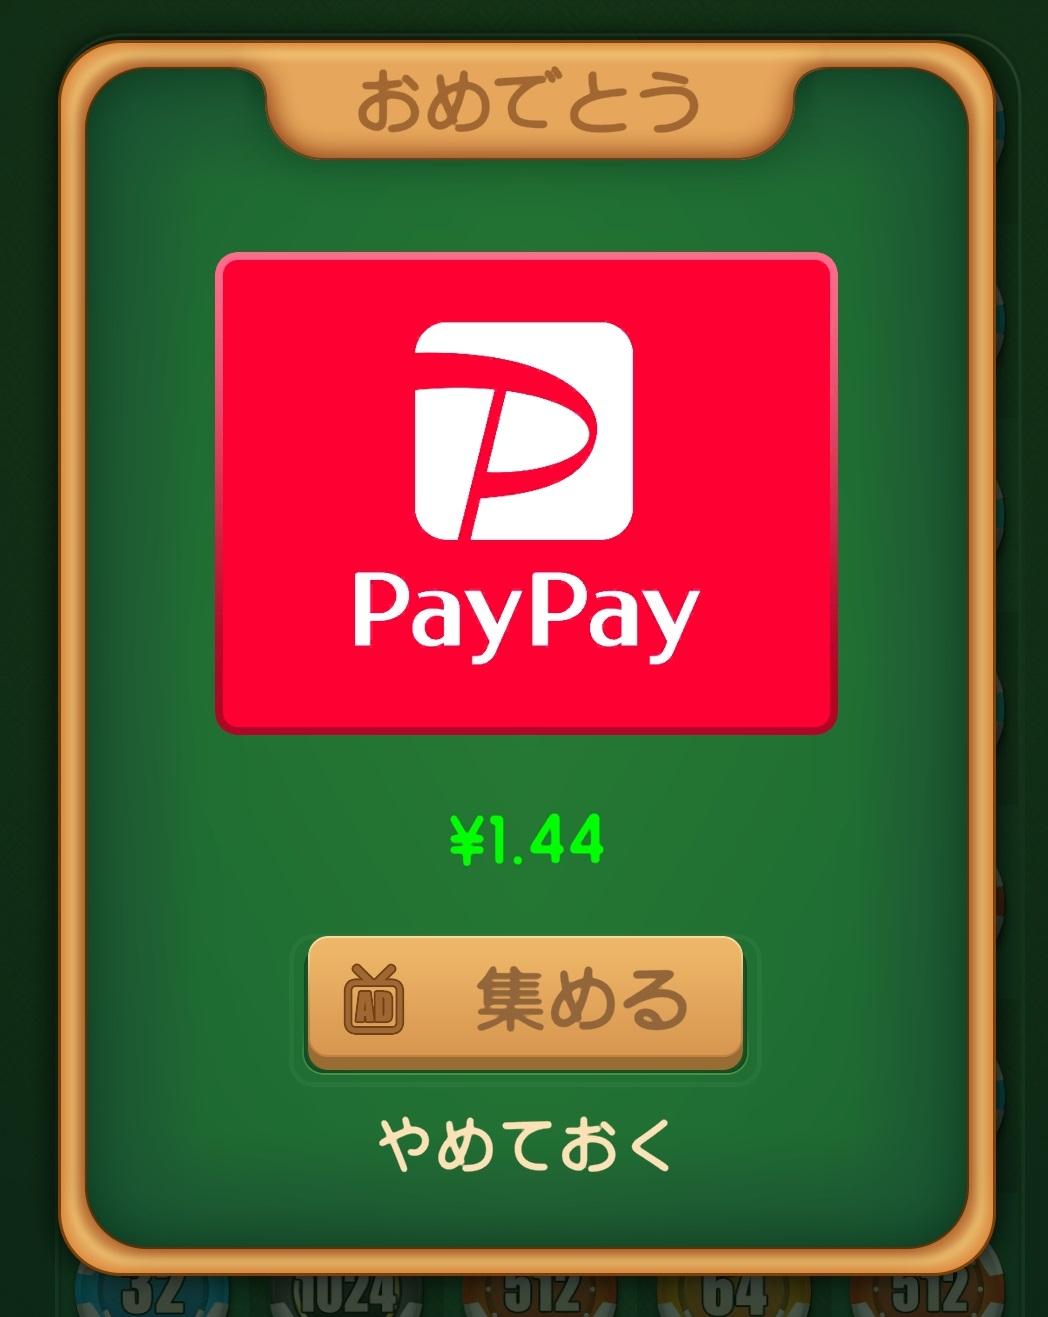 チップコネクト2248,PayPay